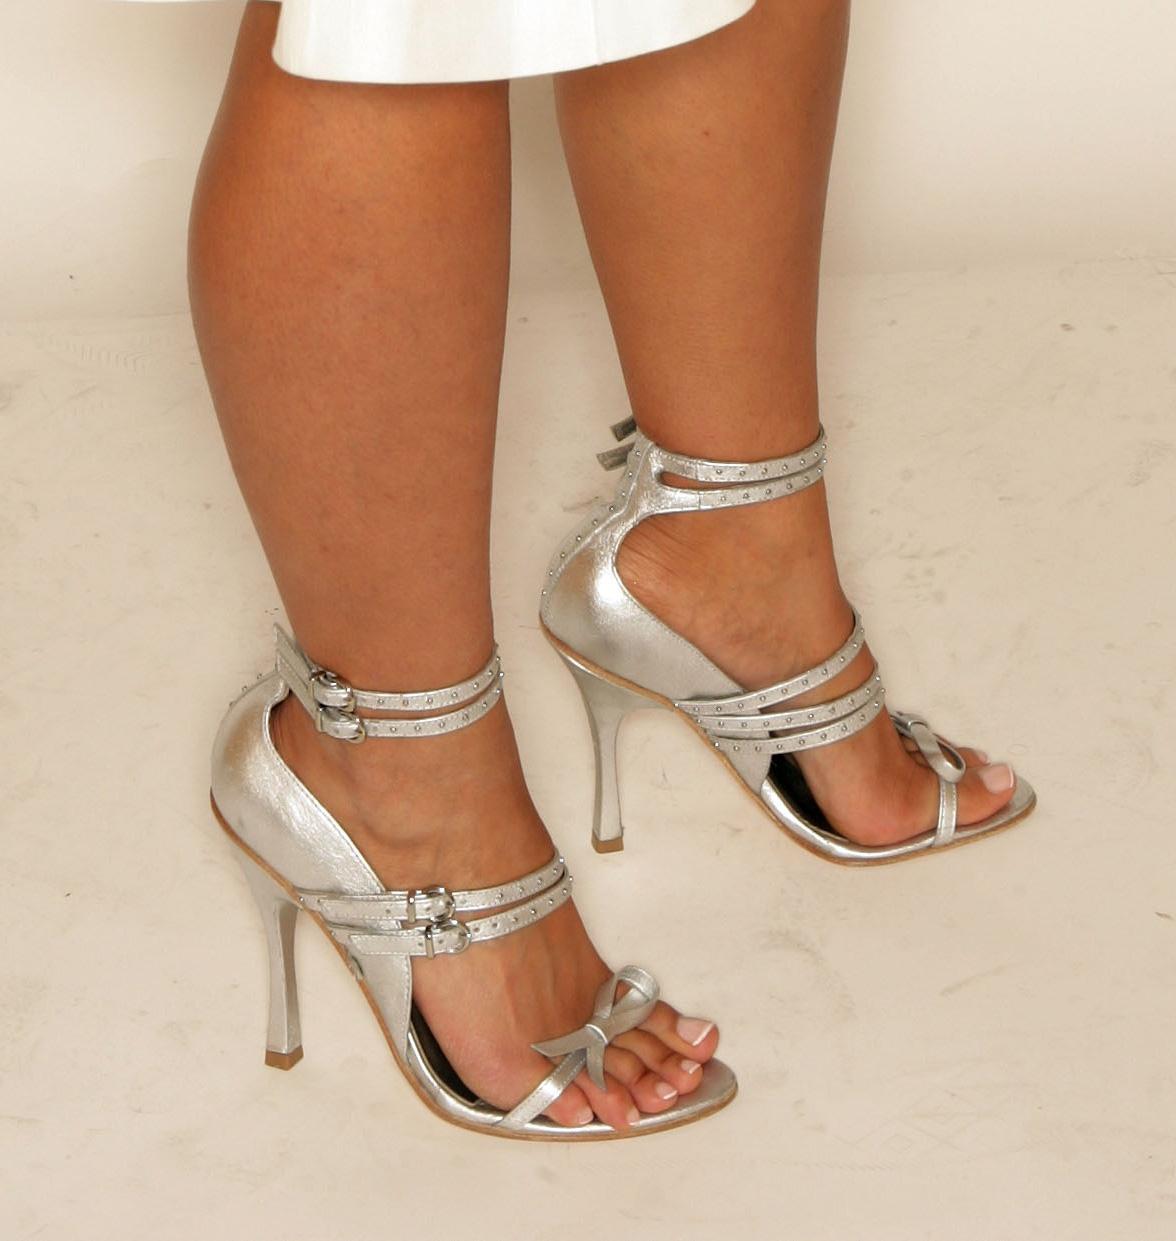 http://1.bp.blogspot.com/_UaLWp72nij4/TBqCHVSfZMI/AAAAAAAAPSA/LHrHaN4uGpA/s1600/nelly-furtado-feet.jpg